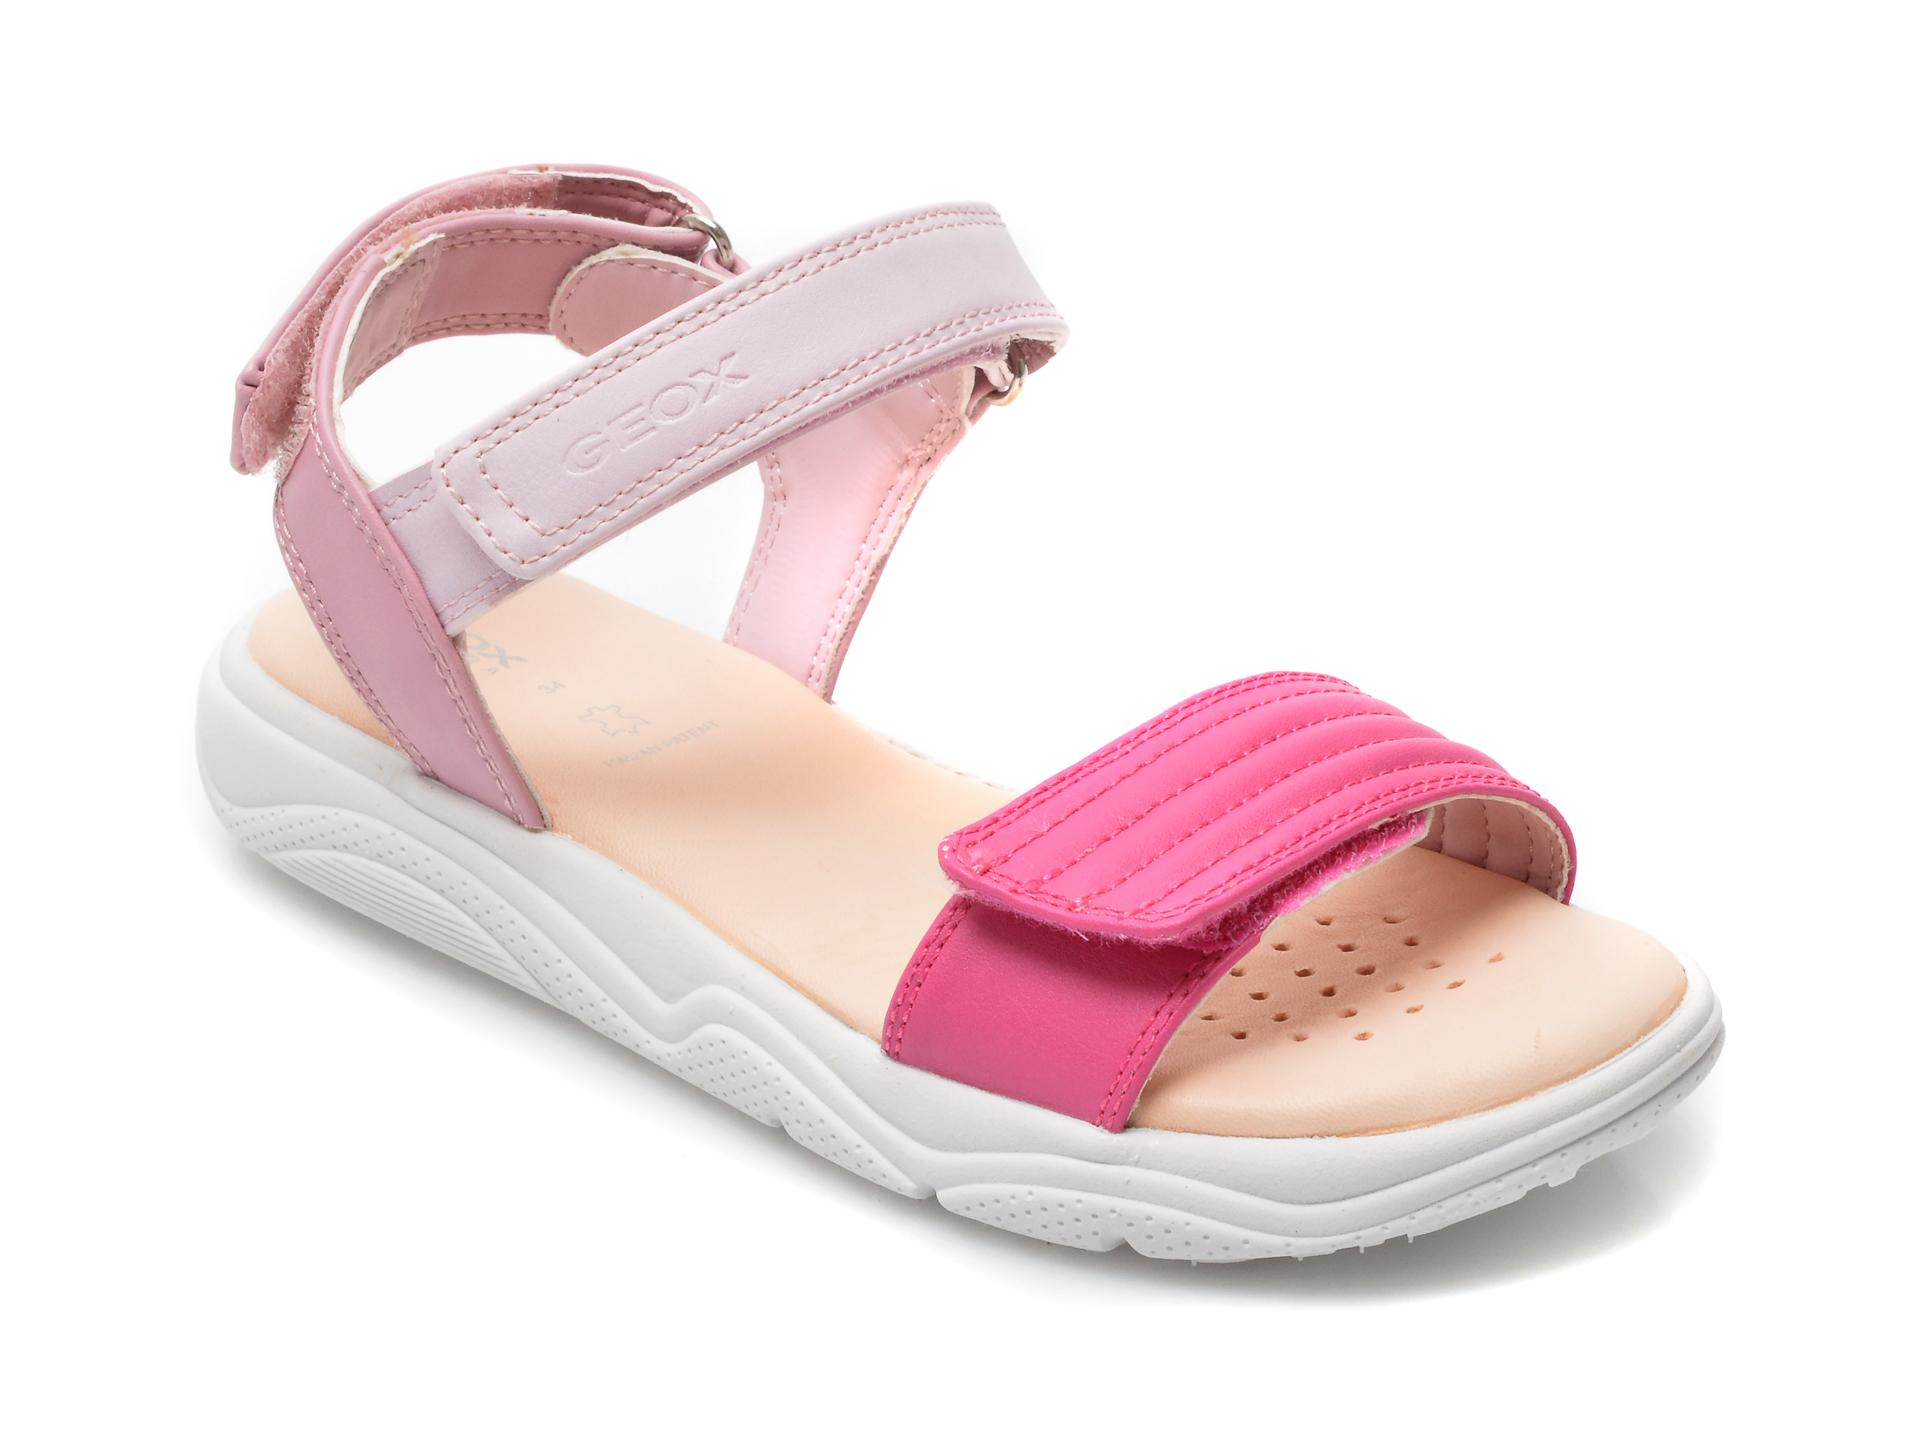 Sandale GEOX roz, J15DUJ, din piele ecologica